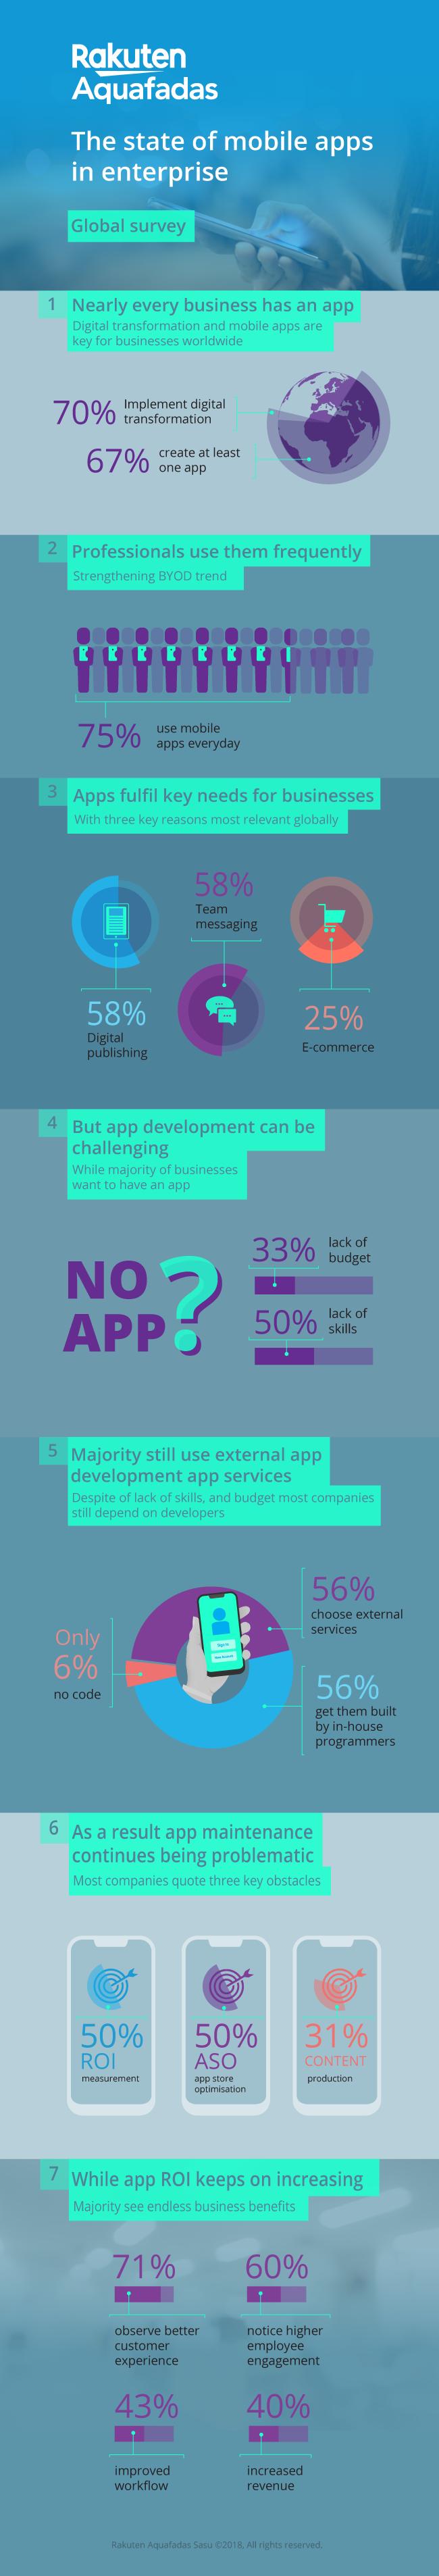 Infografía: El estado de las aplicaciones móviles en la empresa